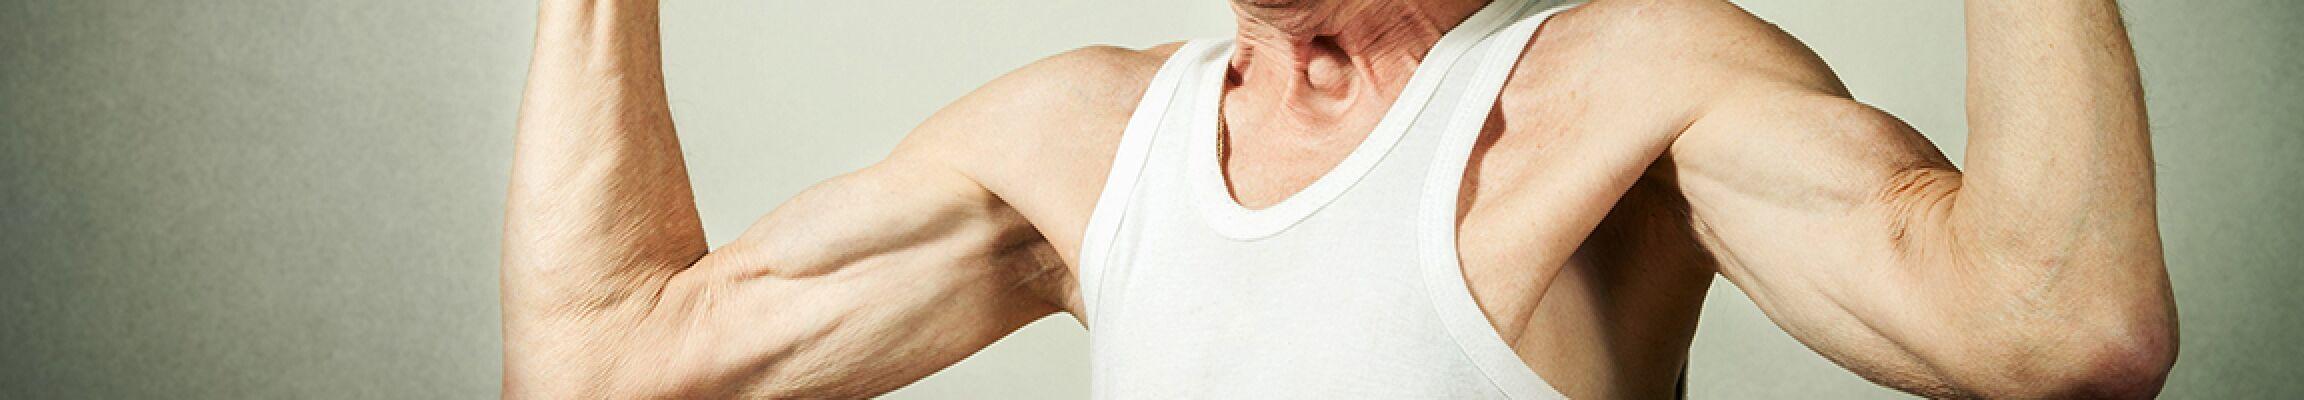 Ist auch ein Muskelaufbau im Alter noch möglich? Absolut!